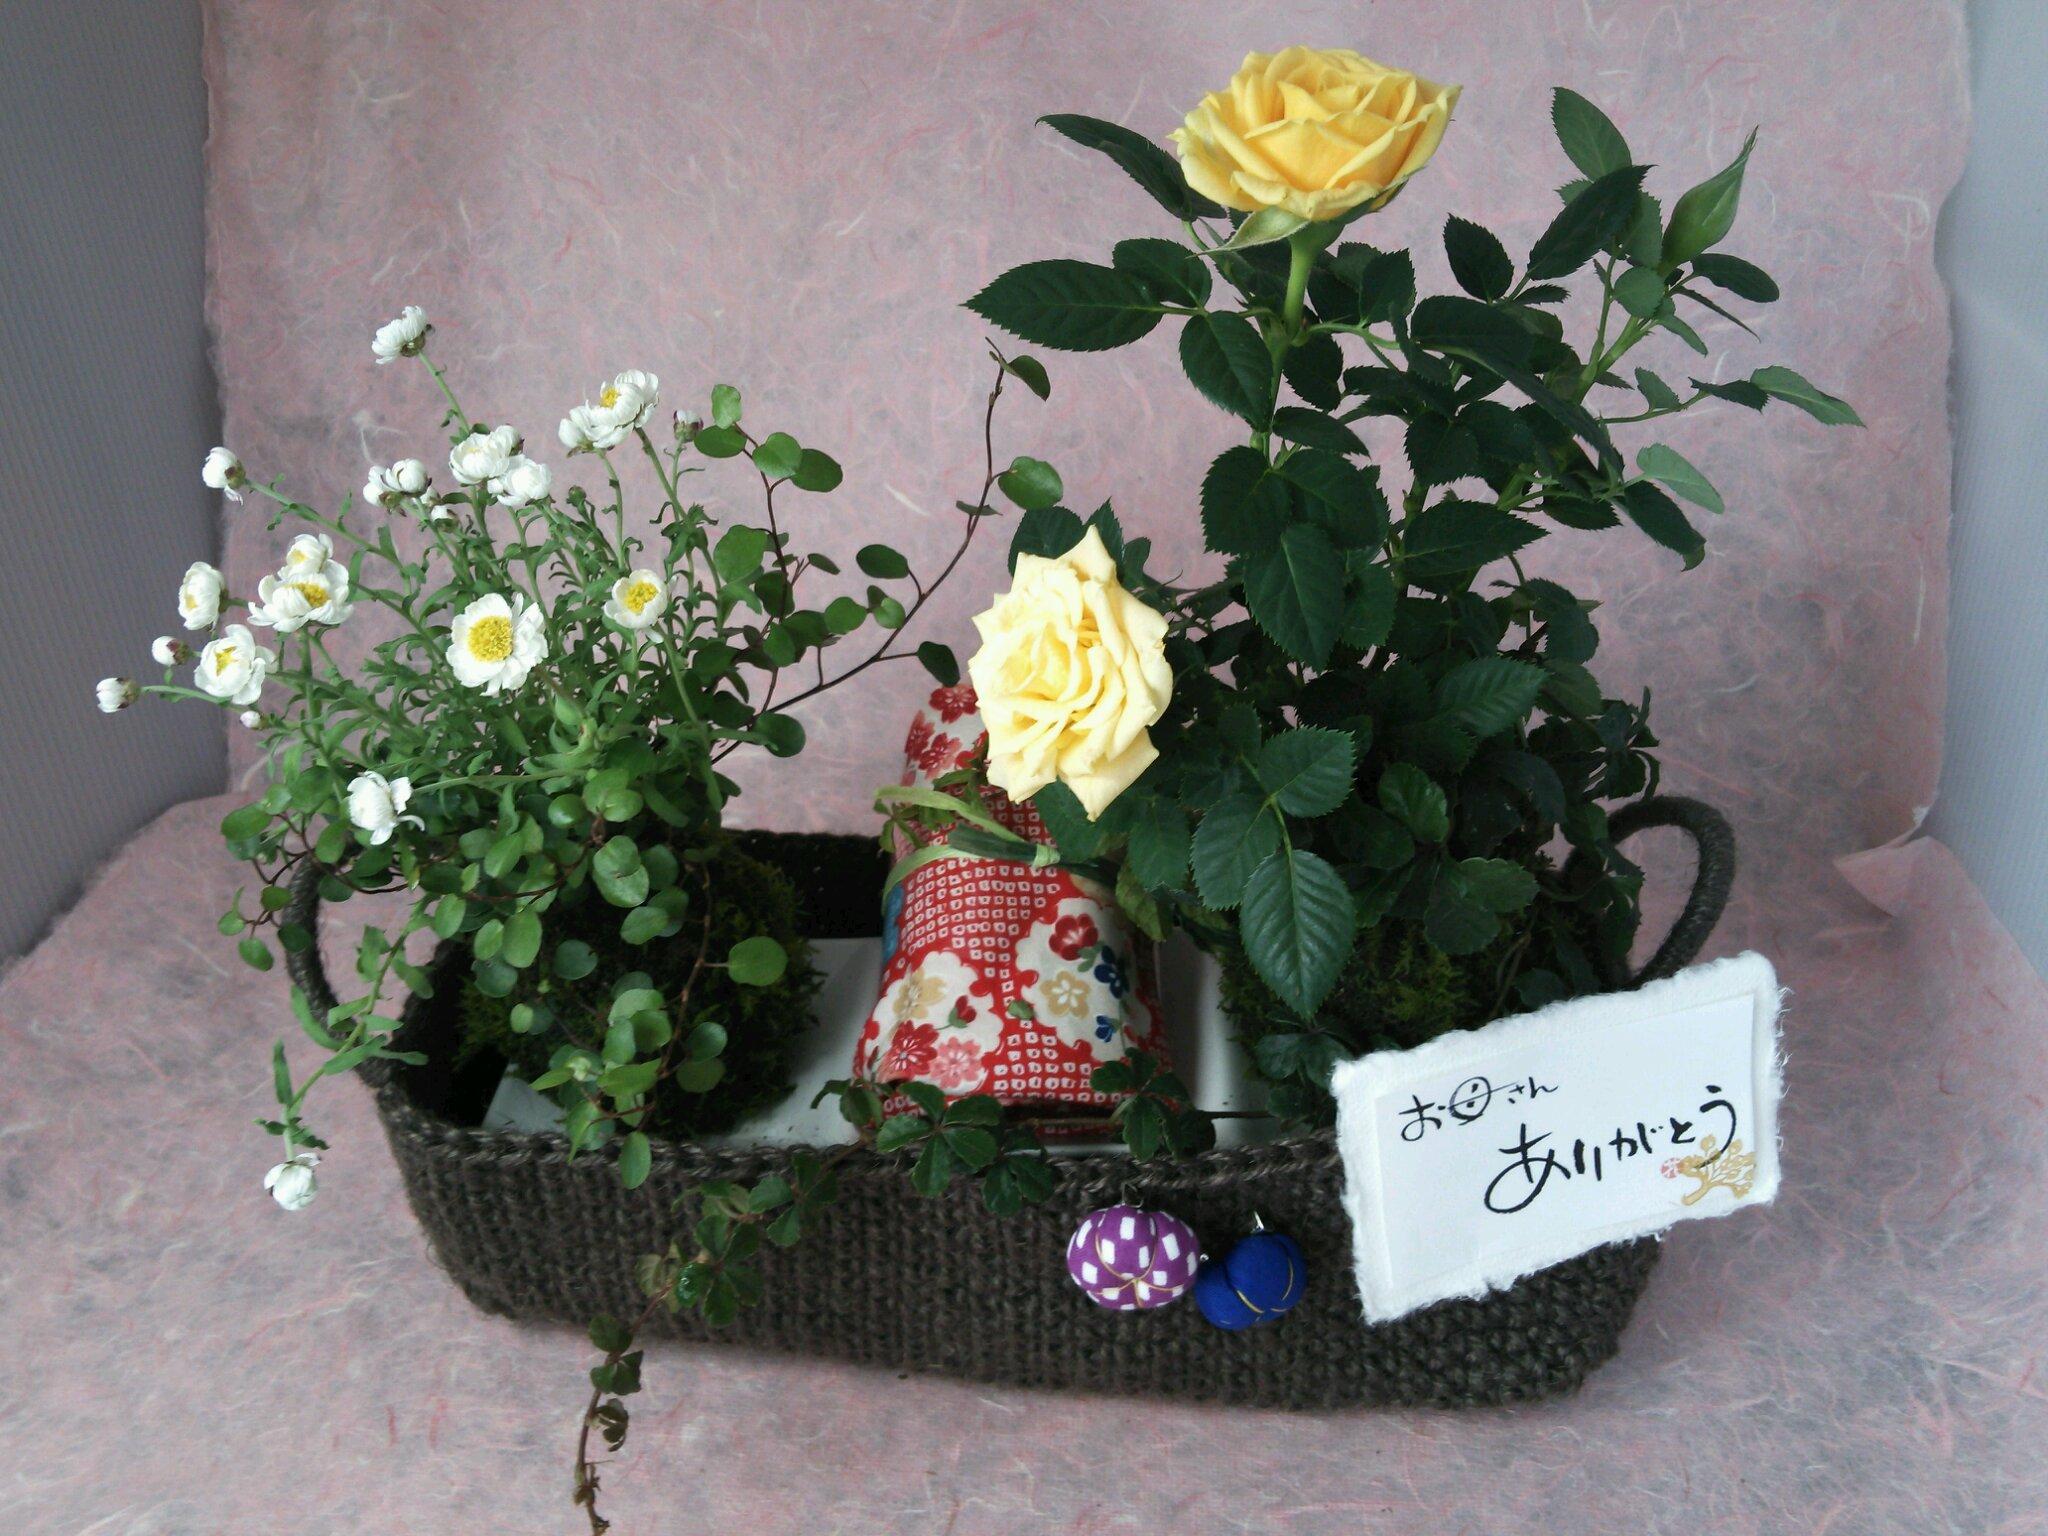 母の日のプレゼント企画